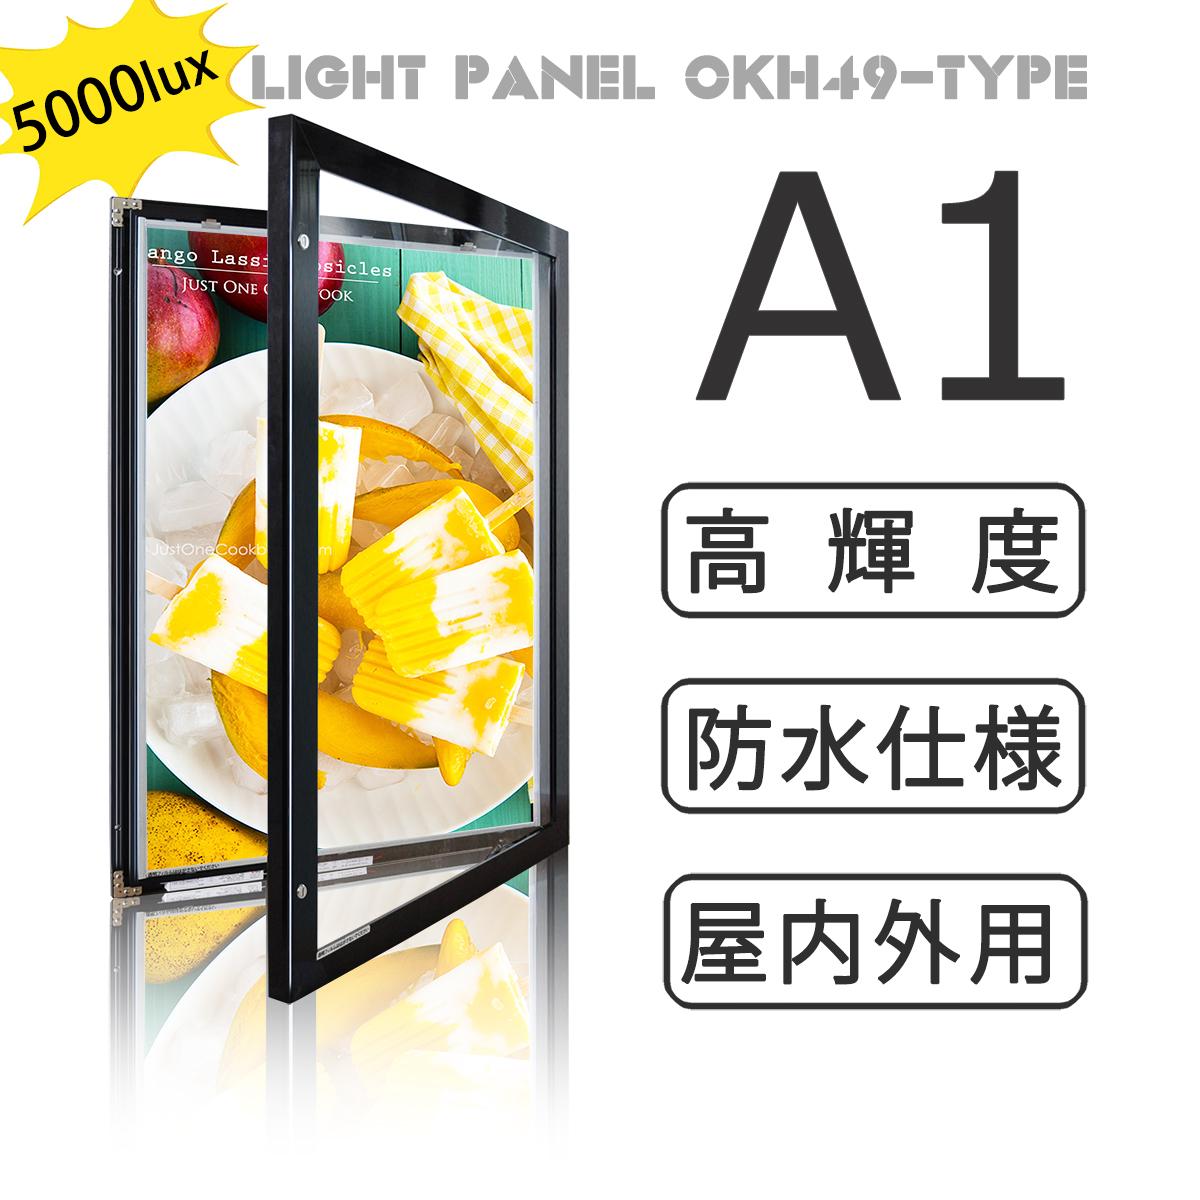 防水LEDライトパネル(OKH49)_A1